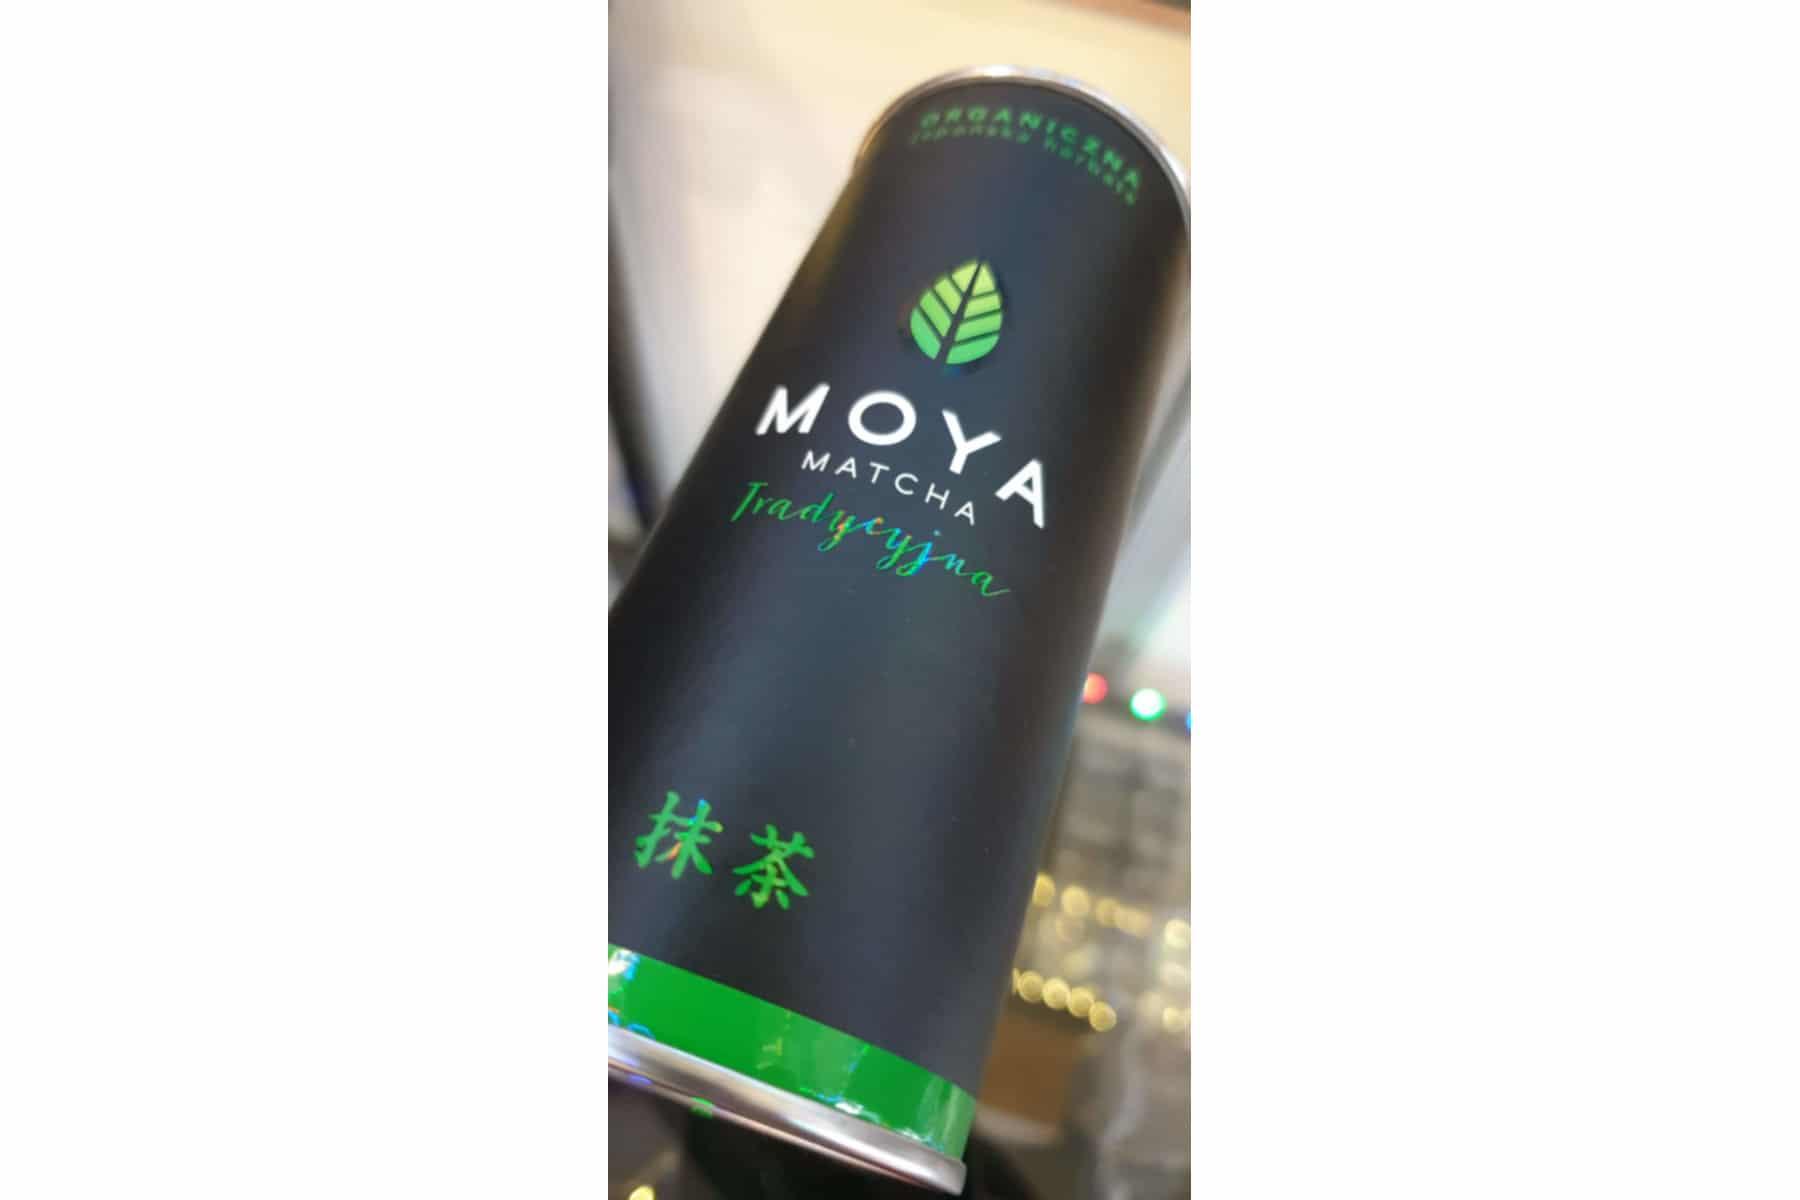 MMBverpakkingen_MOYA_koker